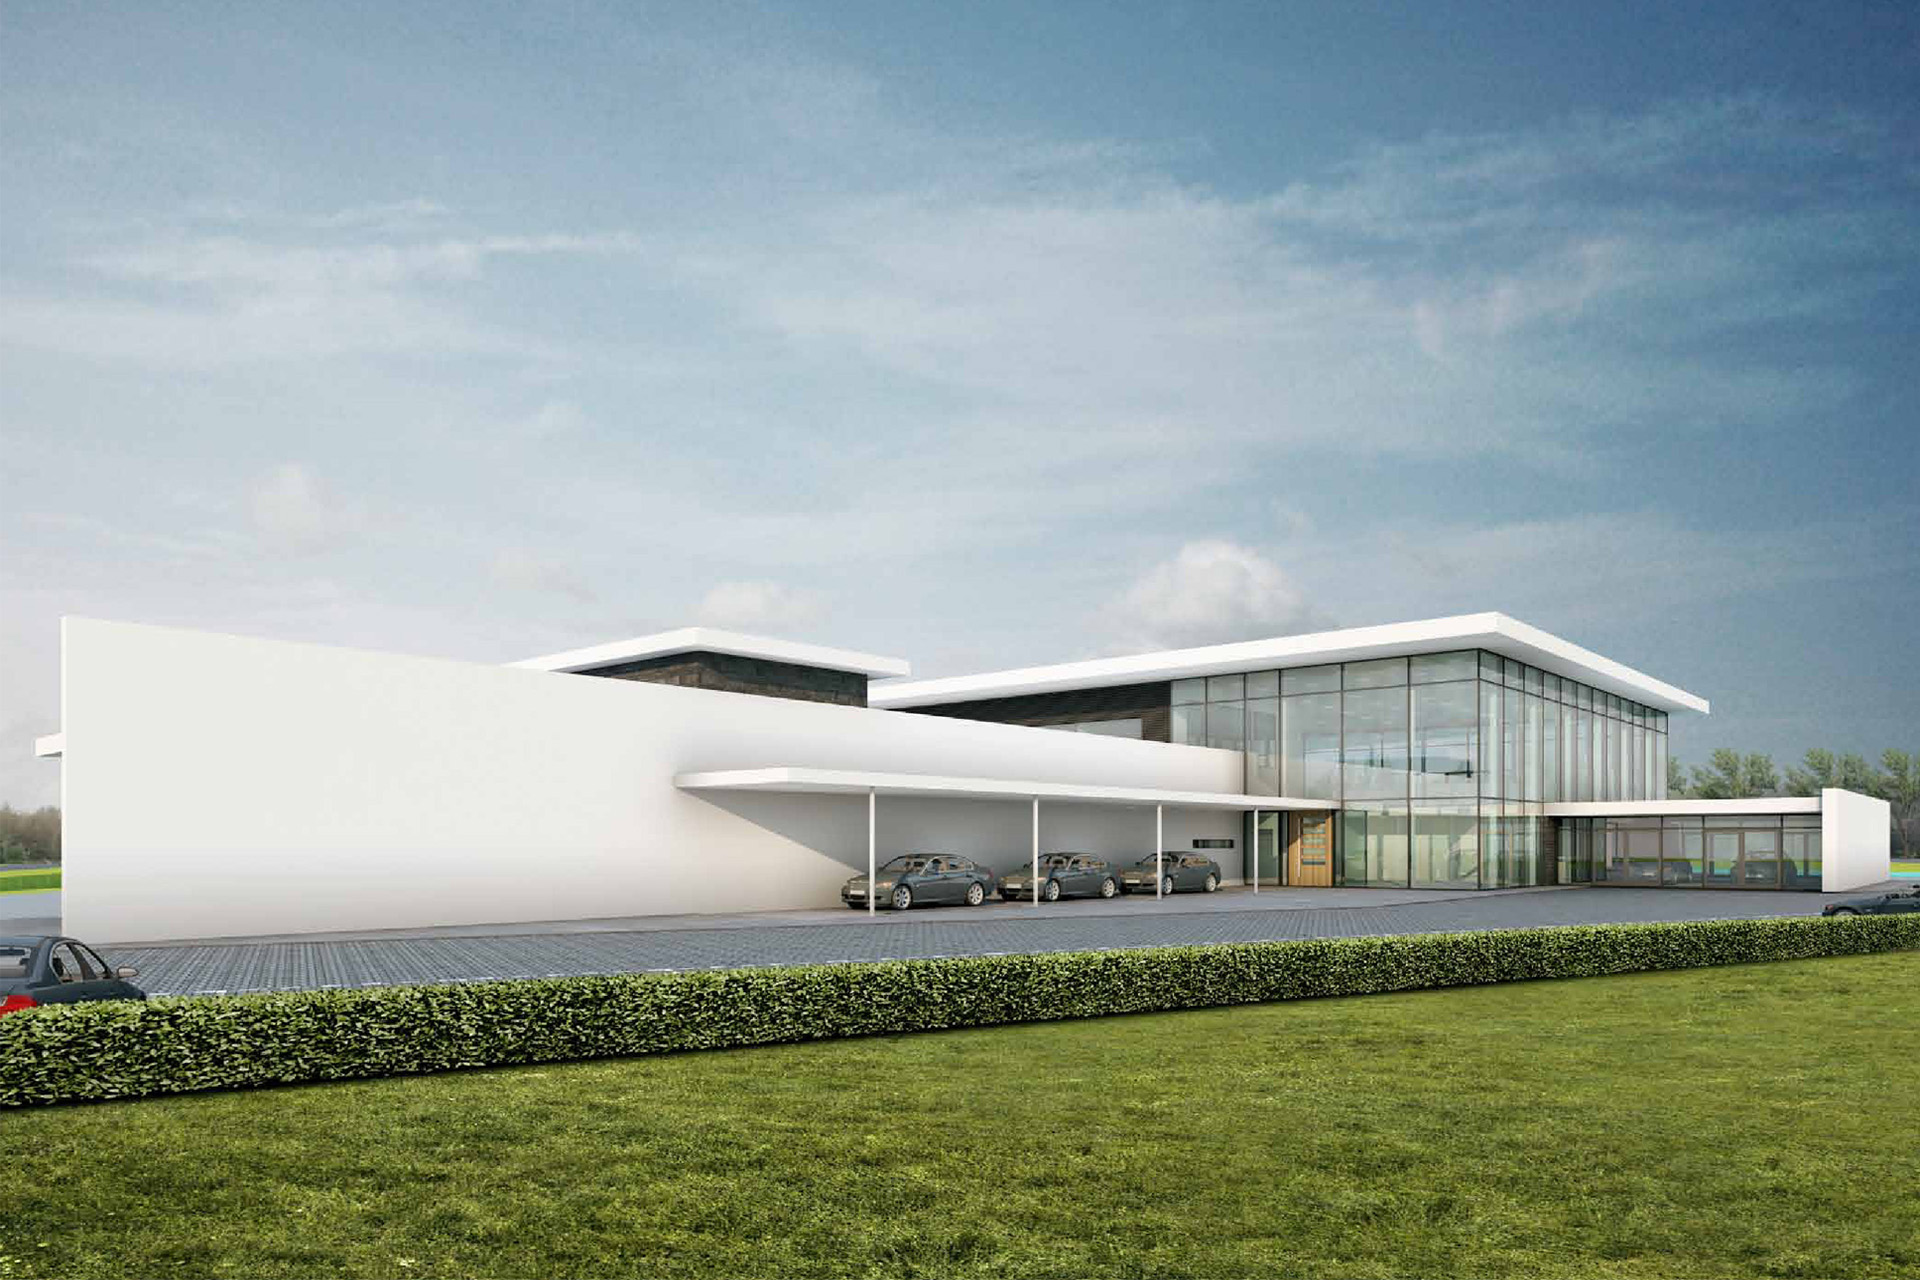 Showroom BMW, Gouda